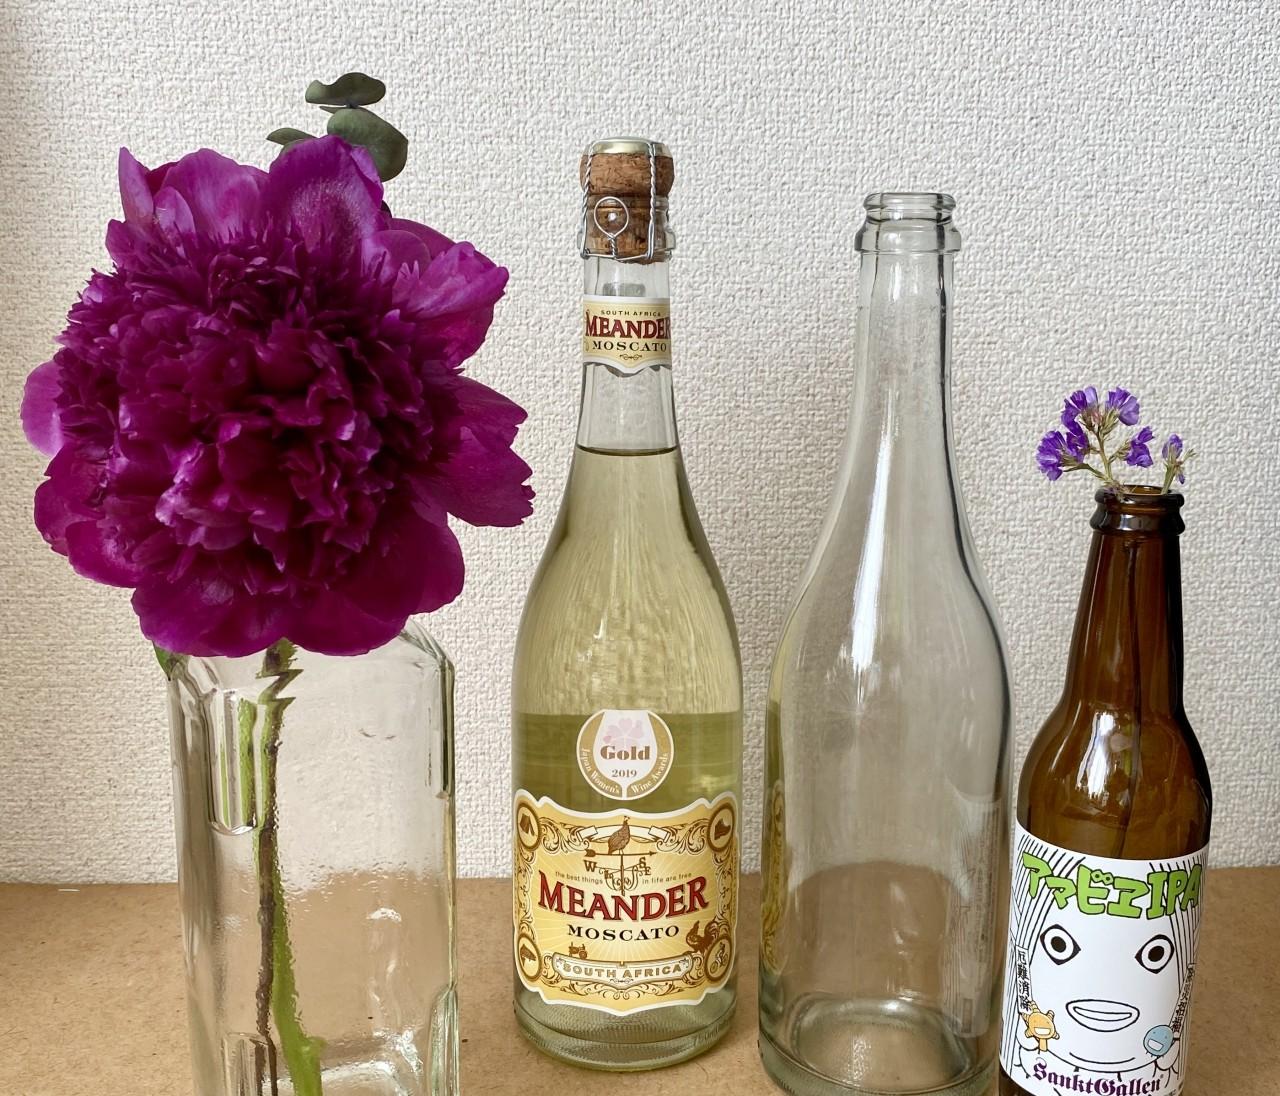 【エディターのおうち私物#24】生け花が意外とおしゃれに見える、空き瓶のリユース方法( #StayHomeWithFlowers )